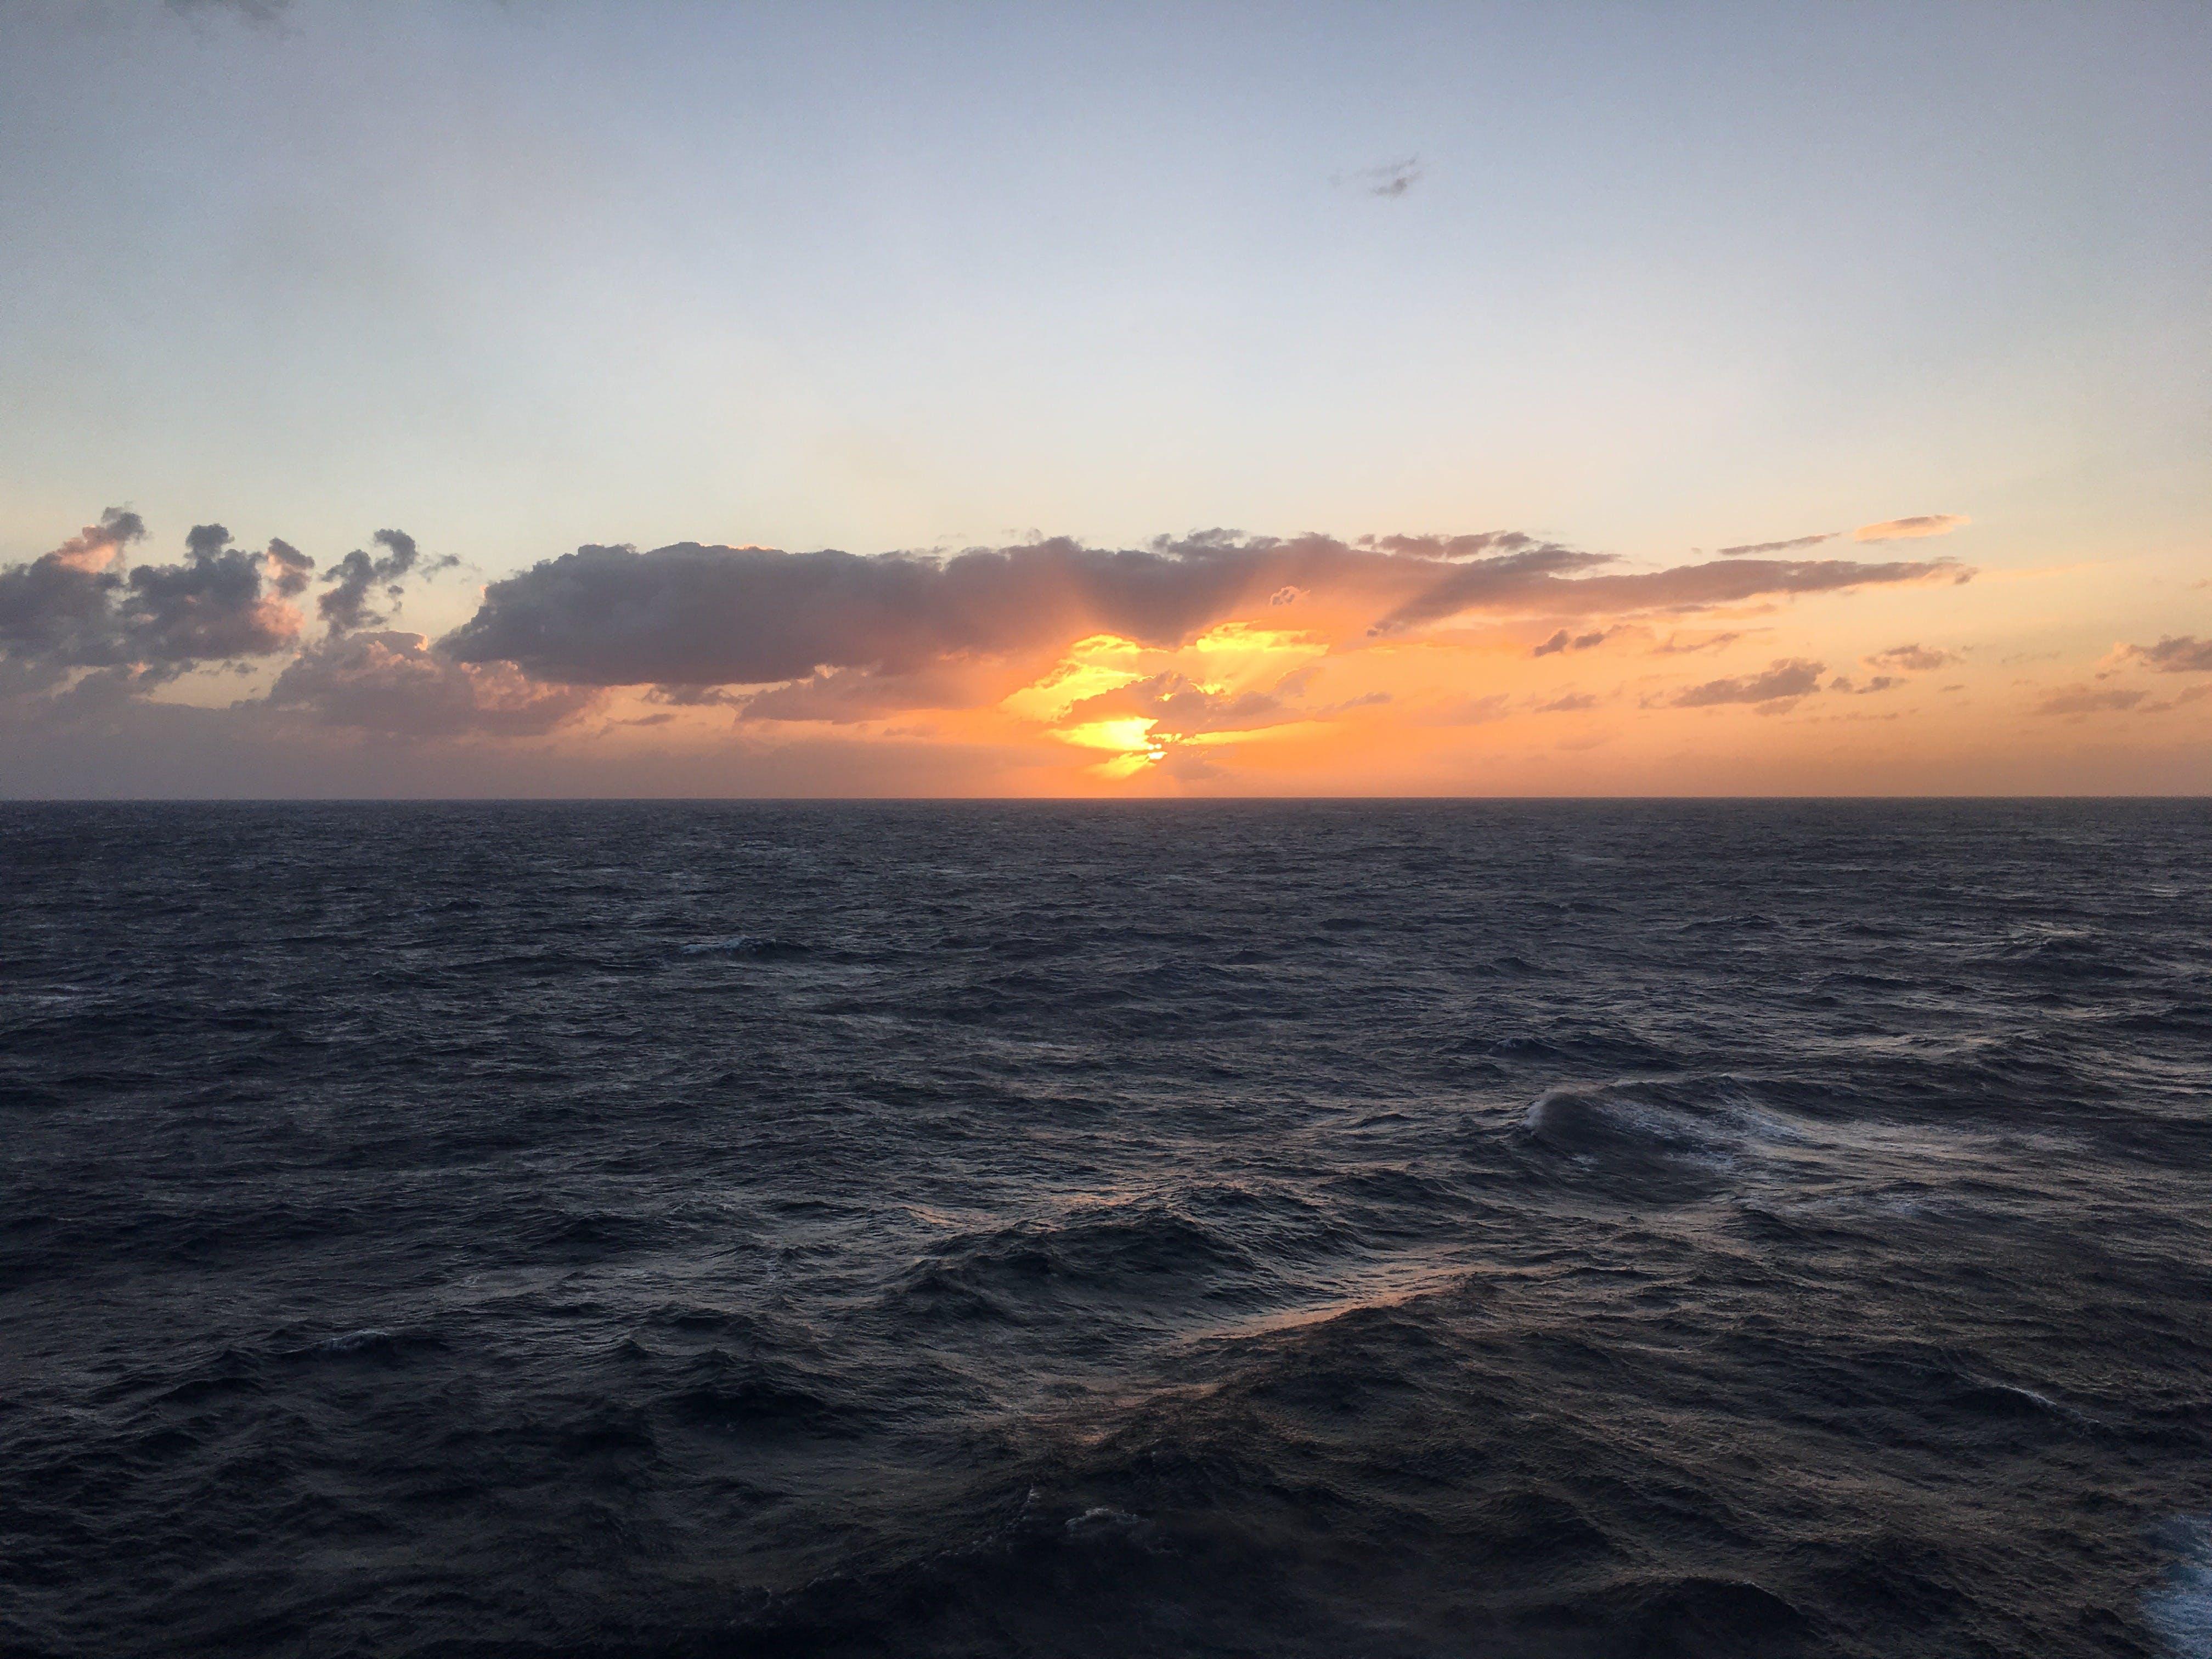 Free stock photo of clouds, ocean, sunrise, deep ocean